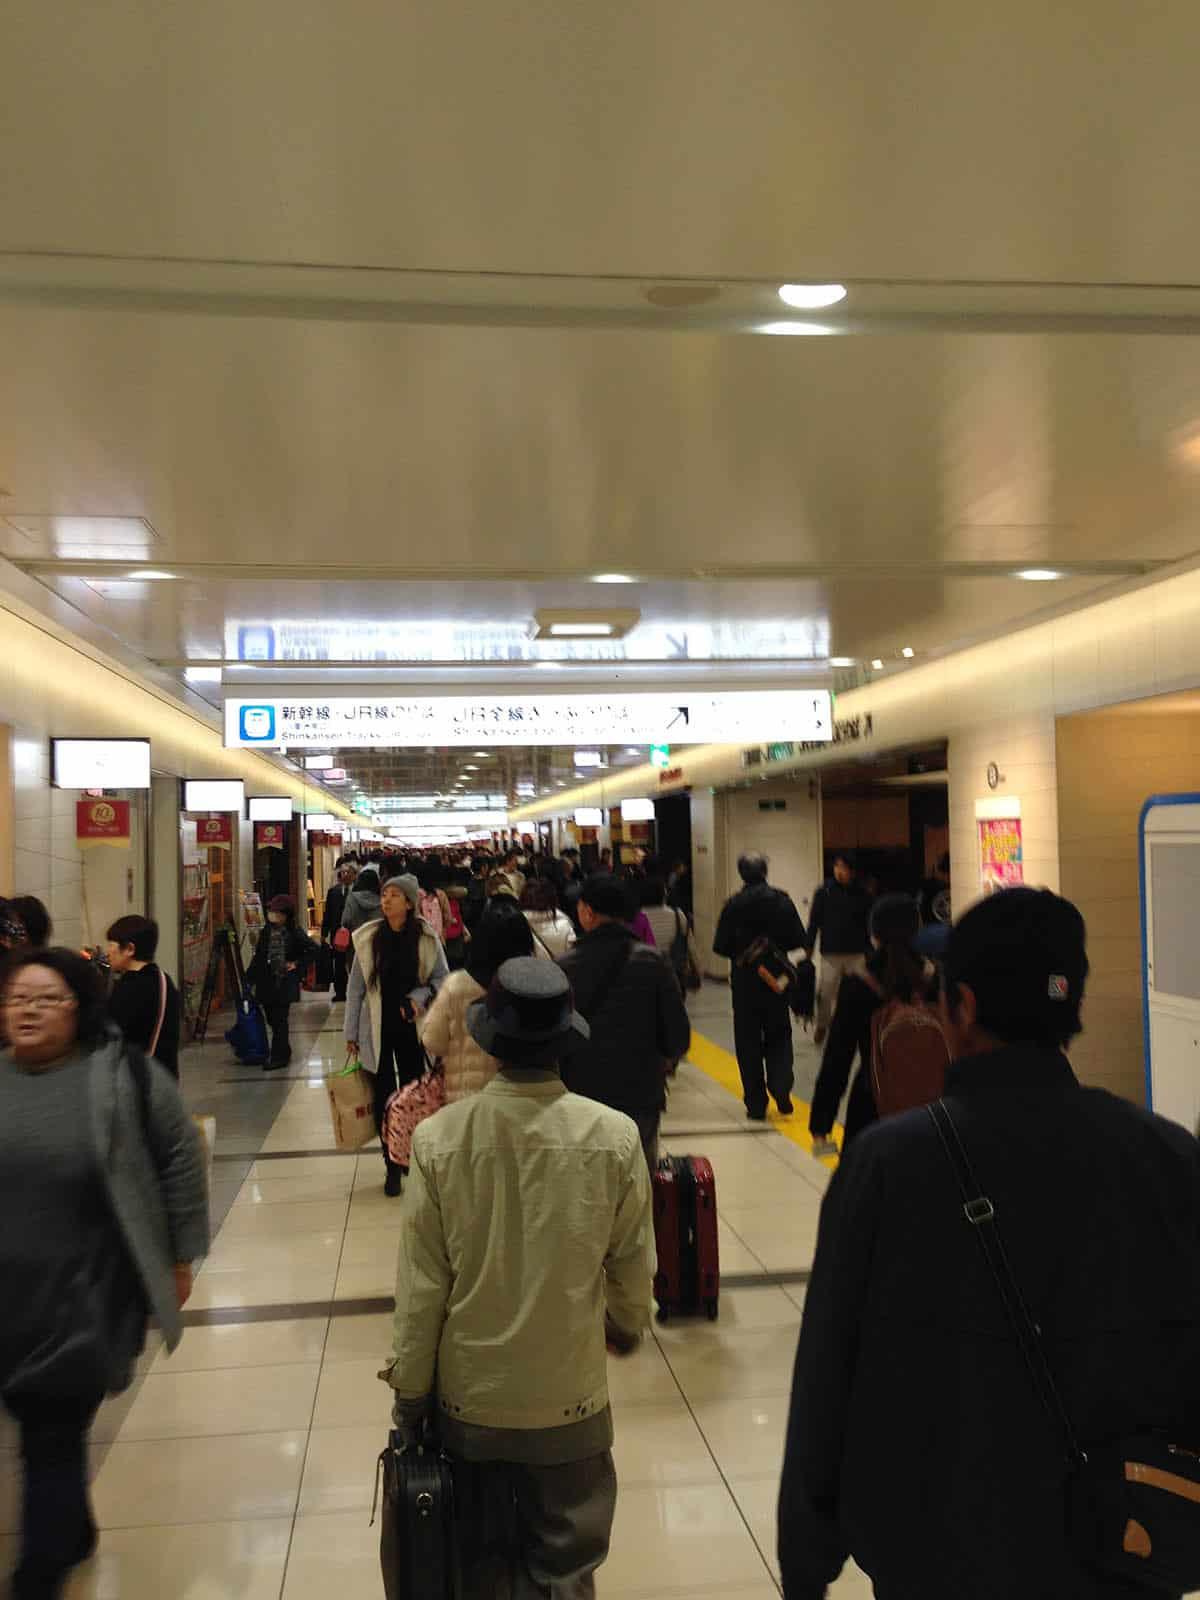 เมืองใต้ดินย่อมๆ (Yaesu Shopping Mall)